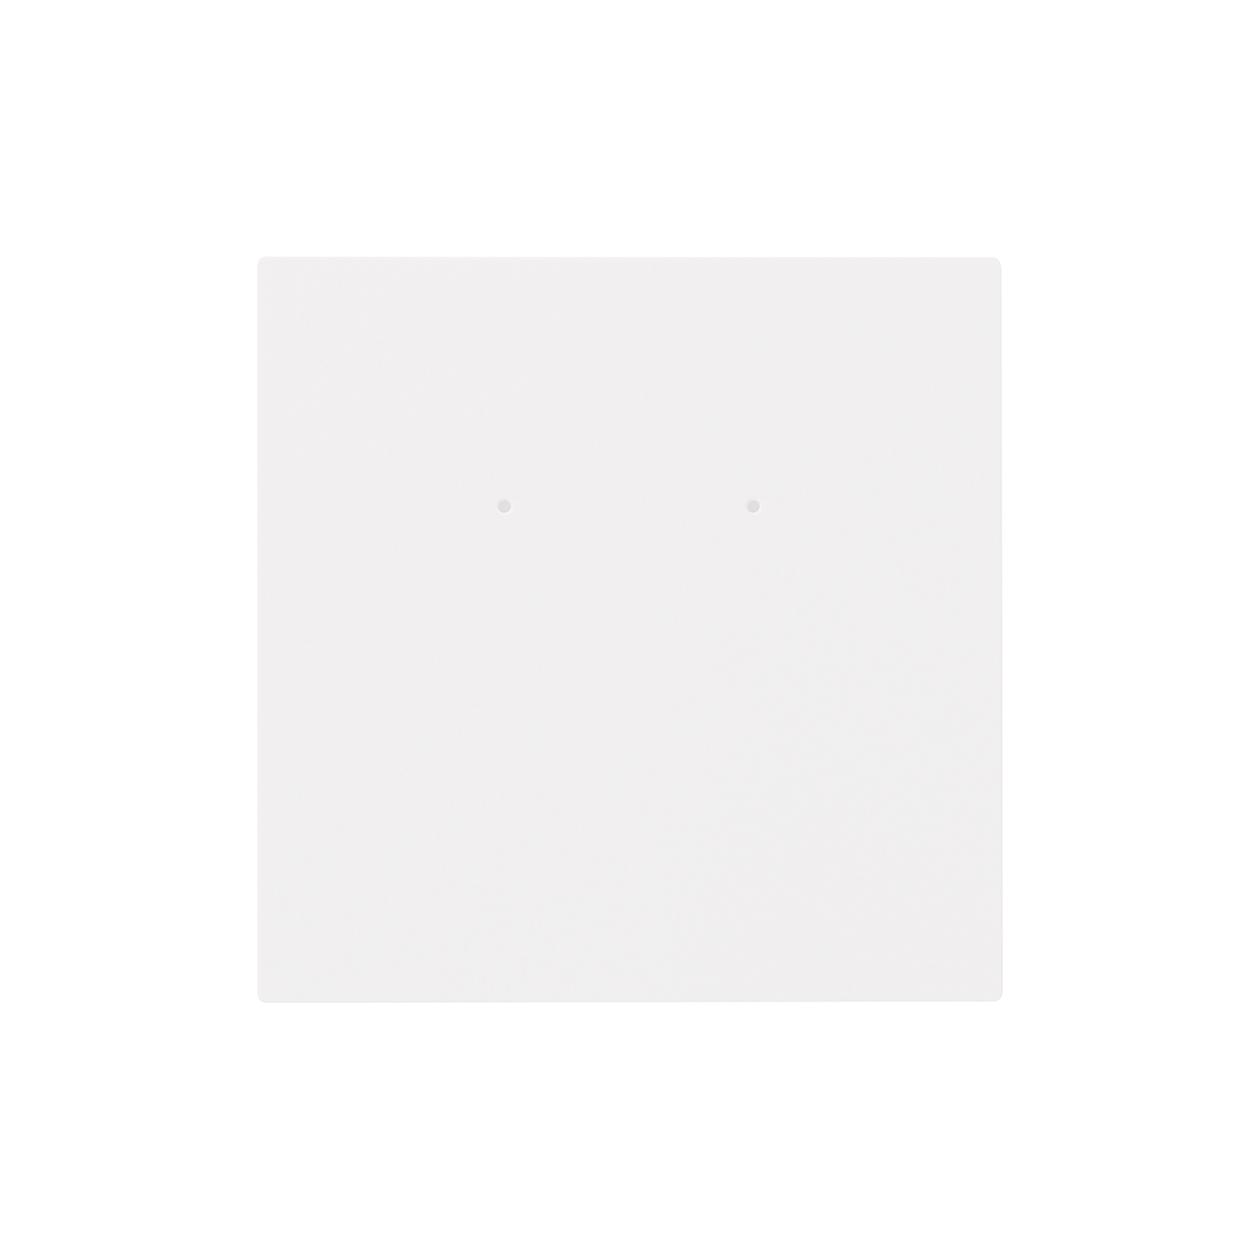 ピアス台紙 90×90上30mm コットンスノーホワイト 348.8g